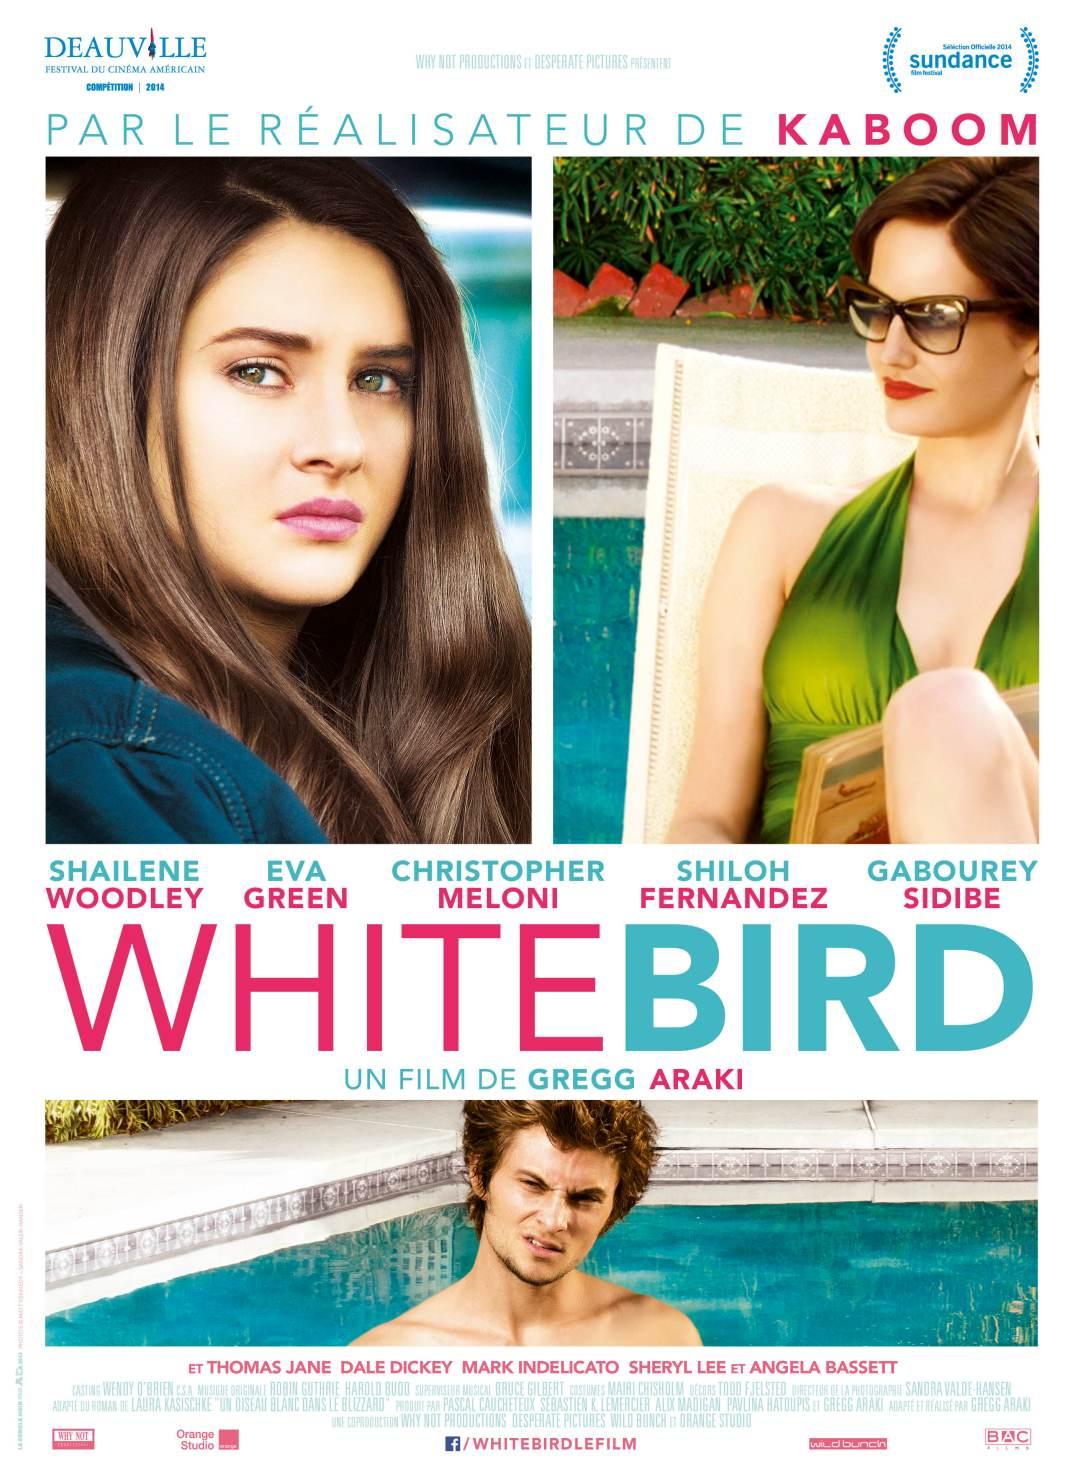 WHITE-BIRD_affihce